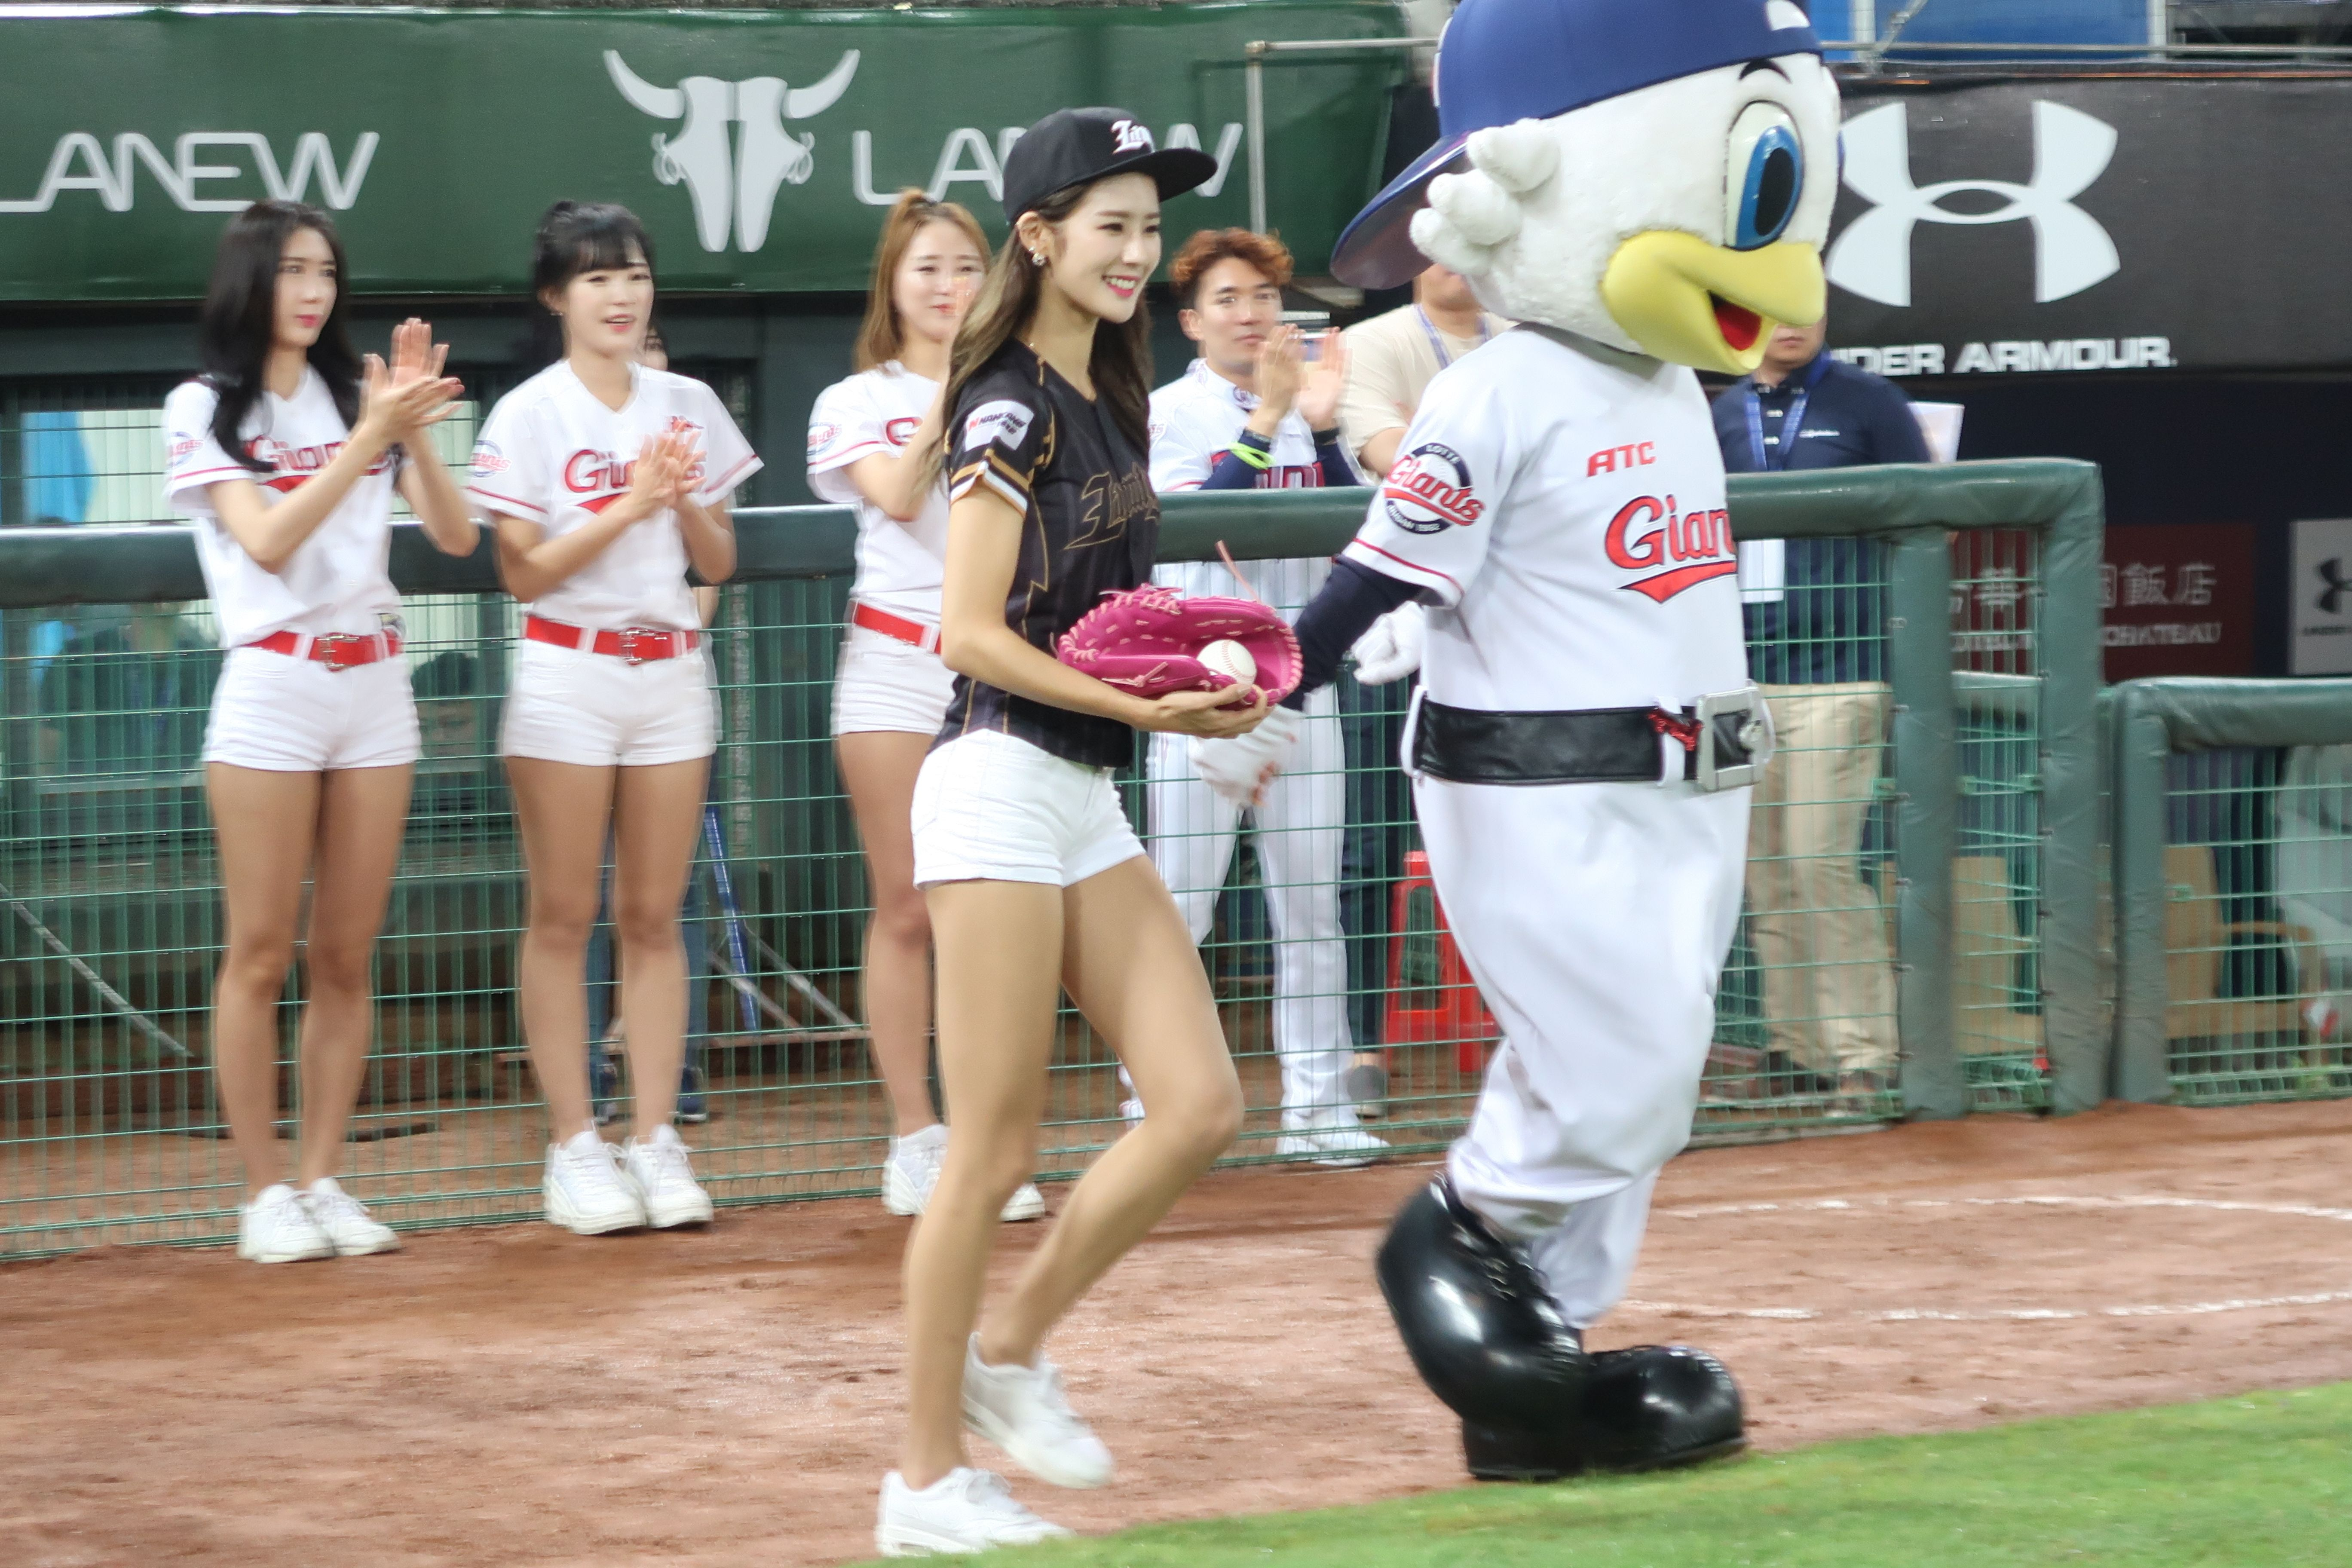 韓國樂天巨人啦啦隊女神朴騏良開球。(圖/記者王怡翔攝)